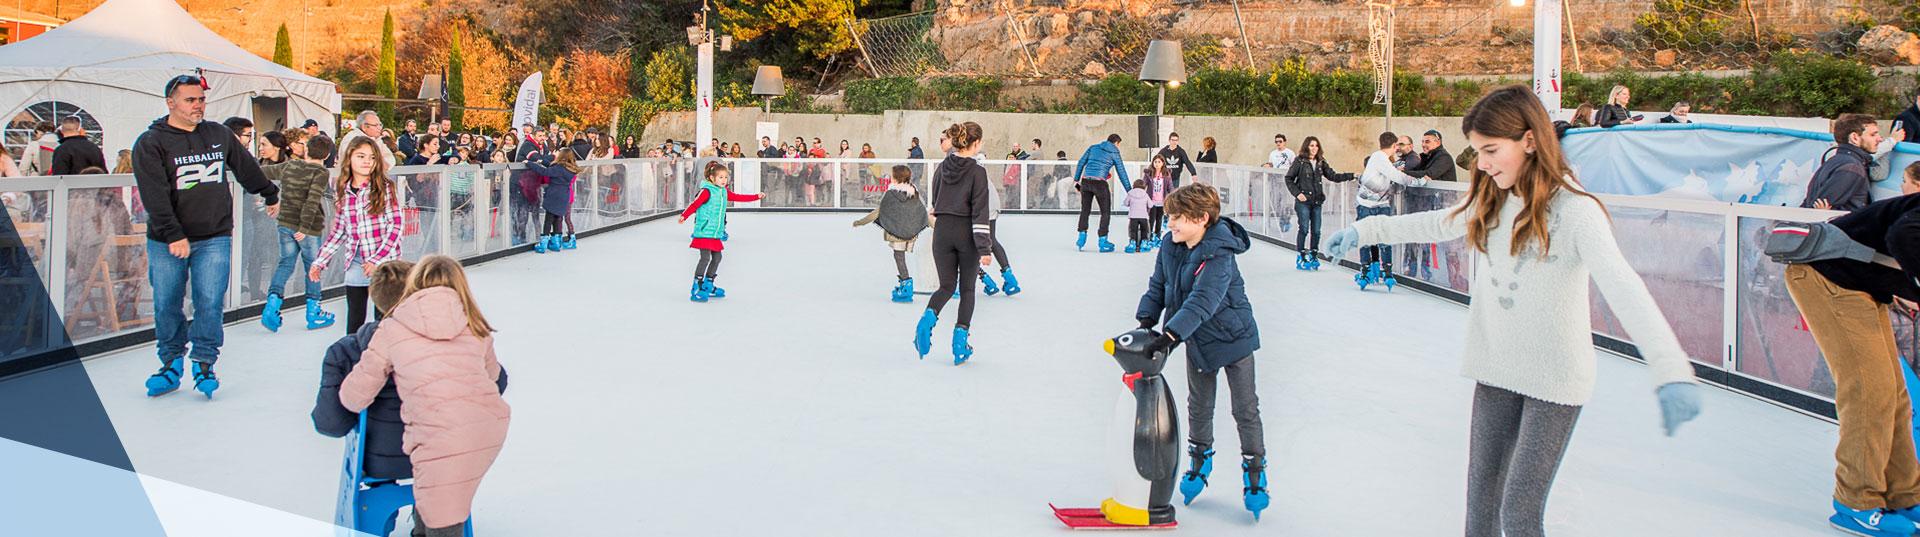 Patinoire de loisir sur glace synthétique